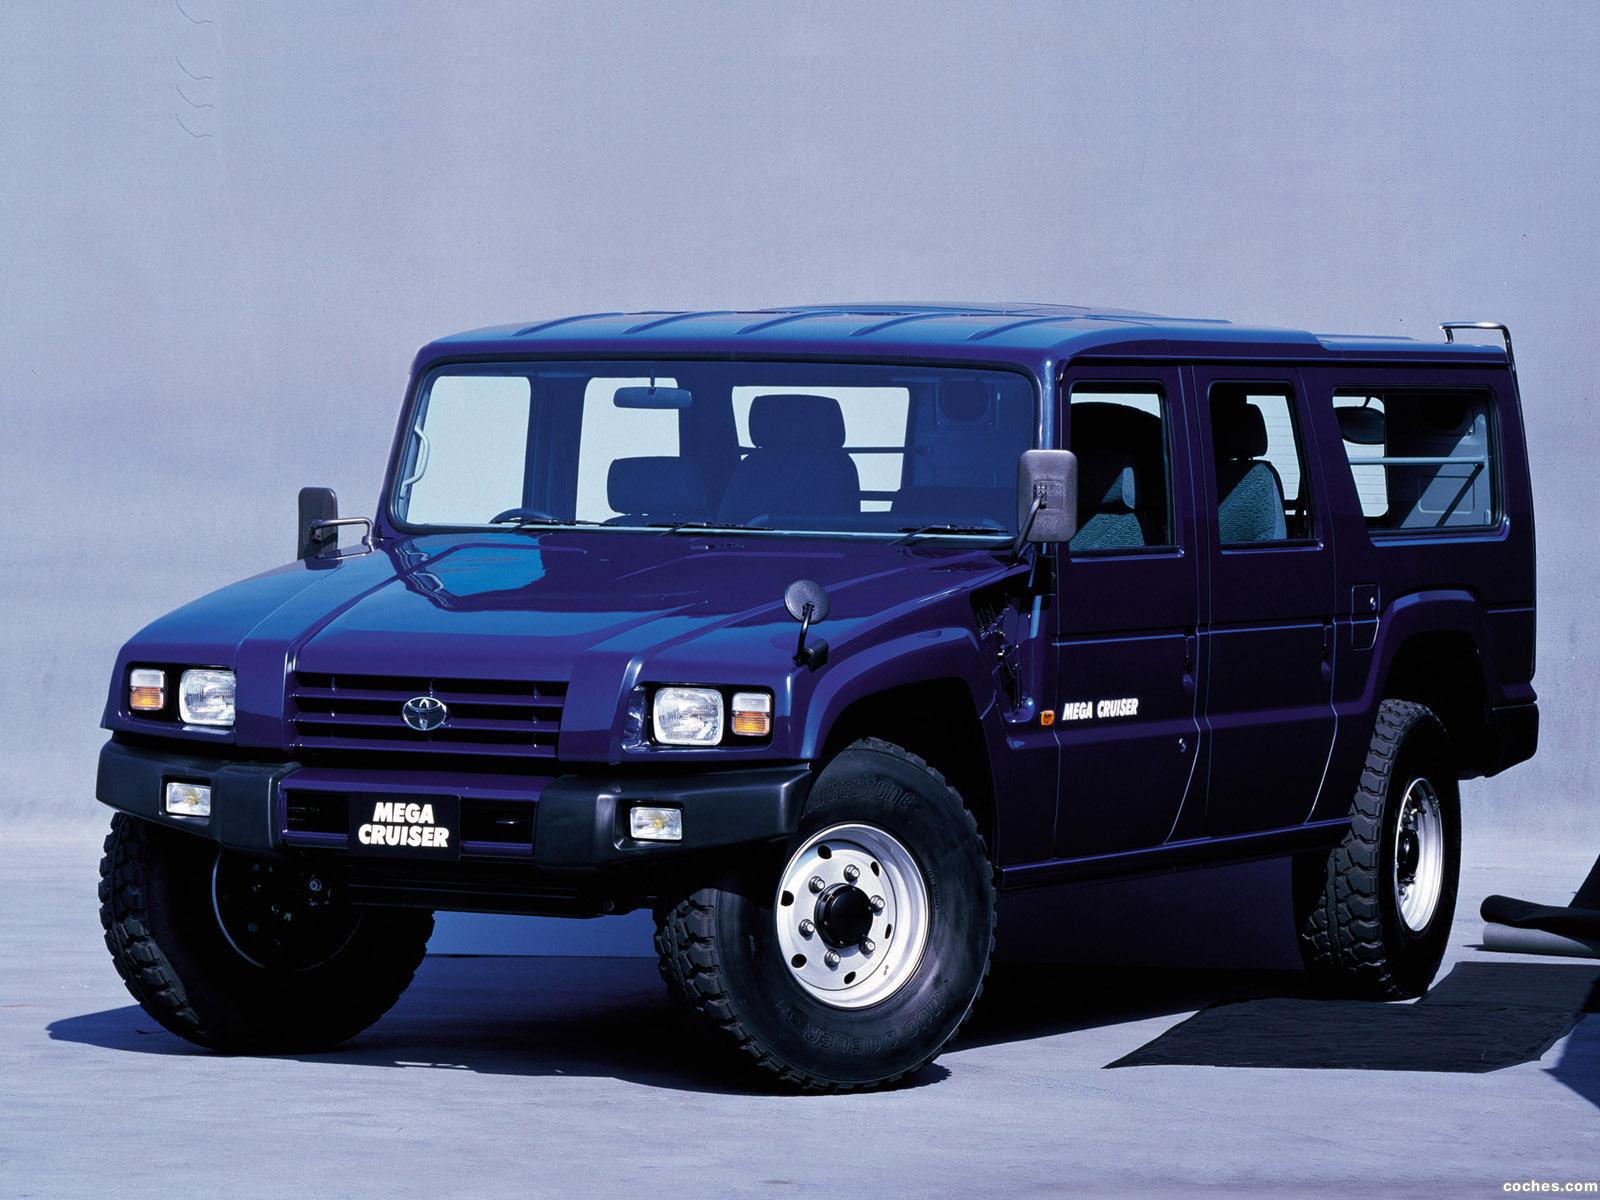 Foto 0 de Toyota Mega Cruiser 1996